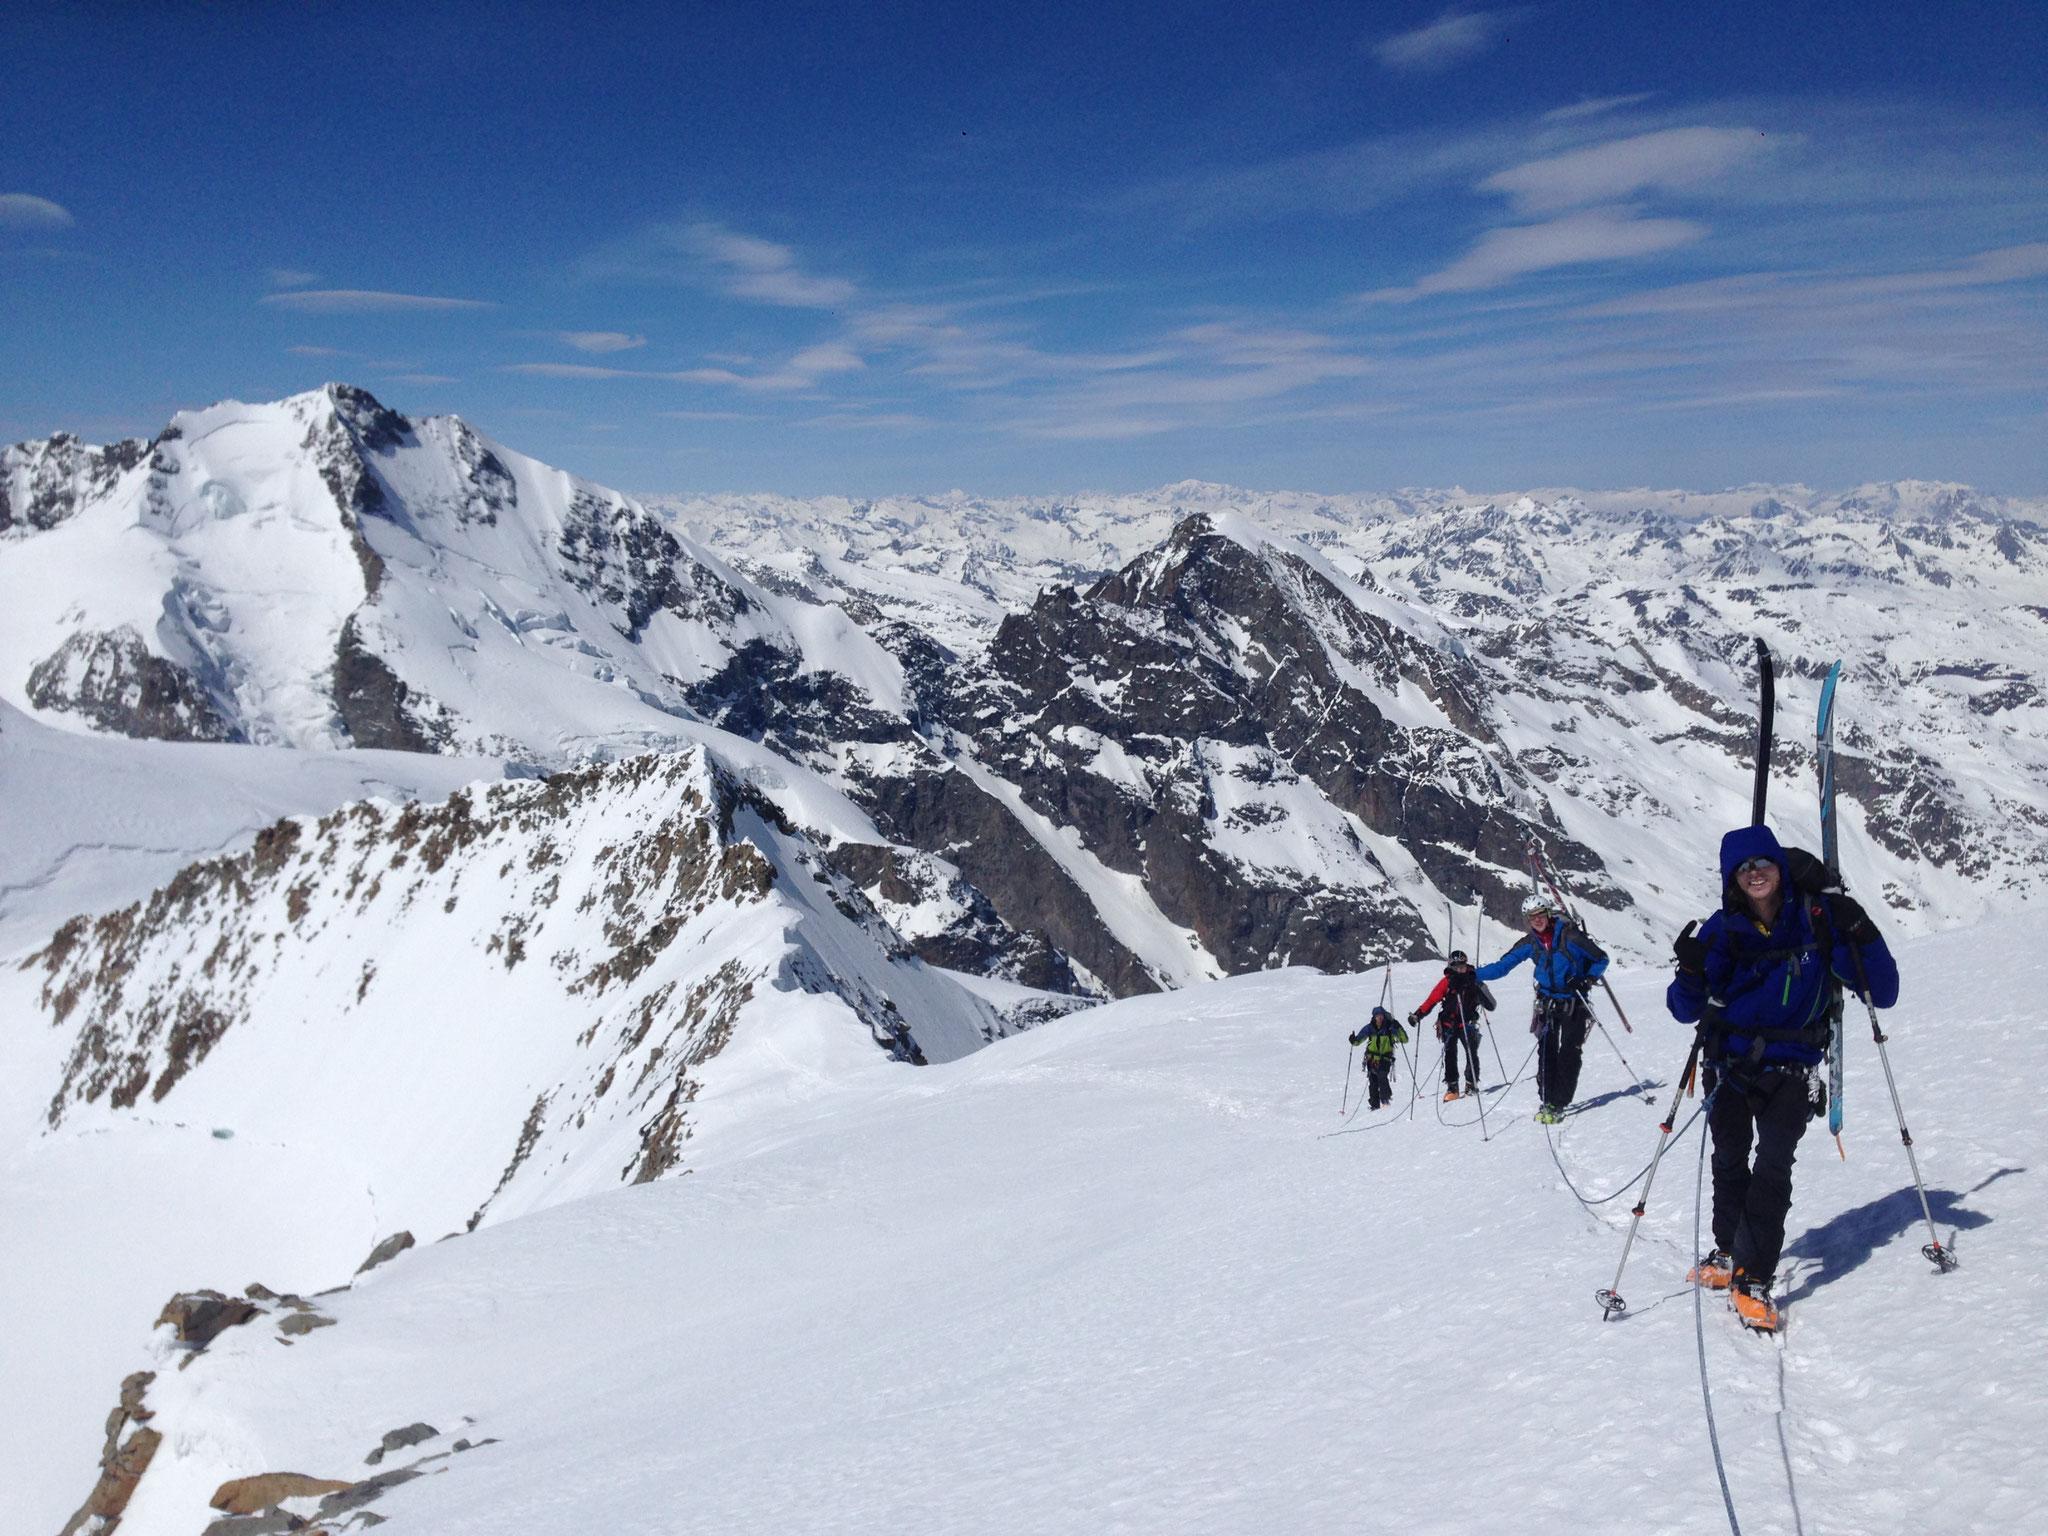 Ski Durchquerung in der Berninagruppe - Schweiz